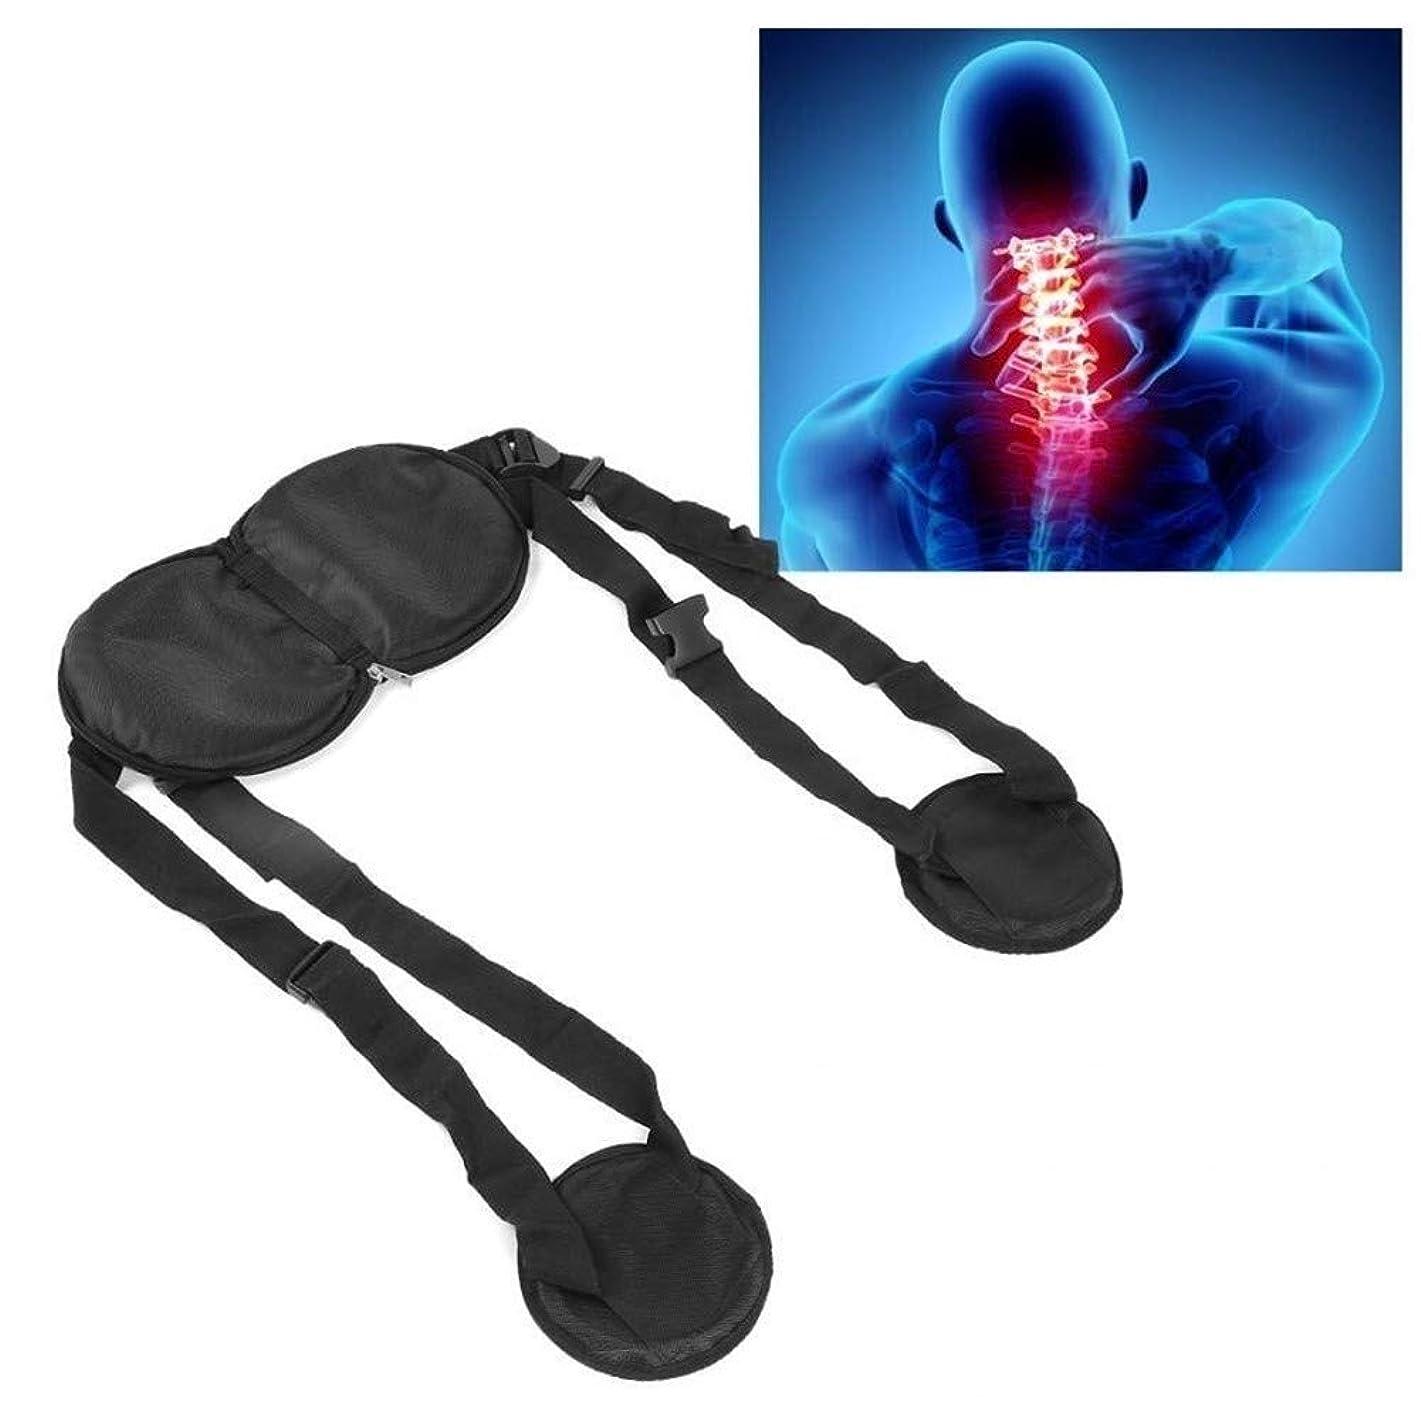 一致する気になる消去RZDJ 補正首の痛み子宮頸神経はハンモックヘルスケアネックマッサージャー中括弧がサポートするリラックス和らげます